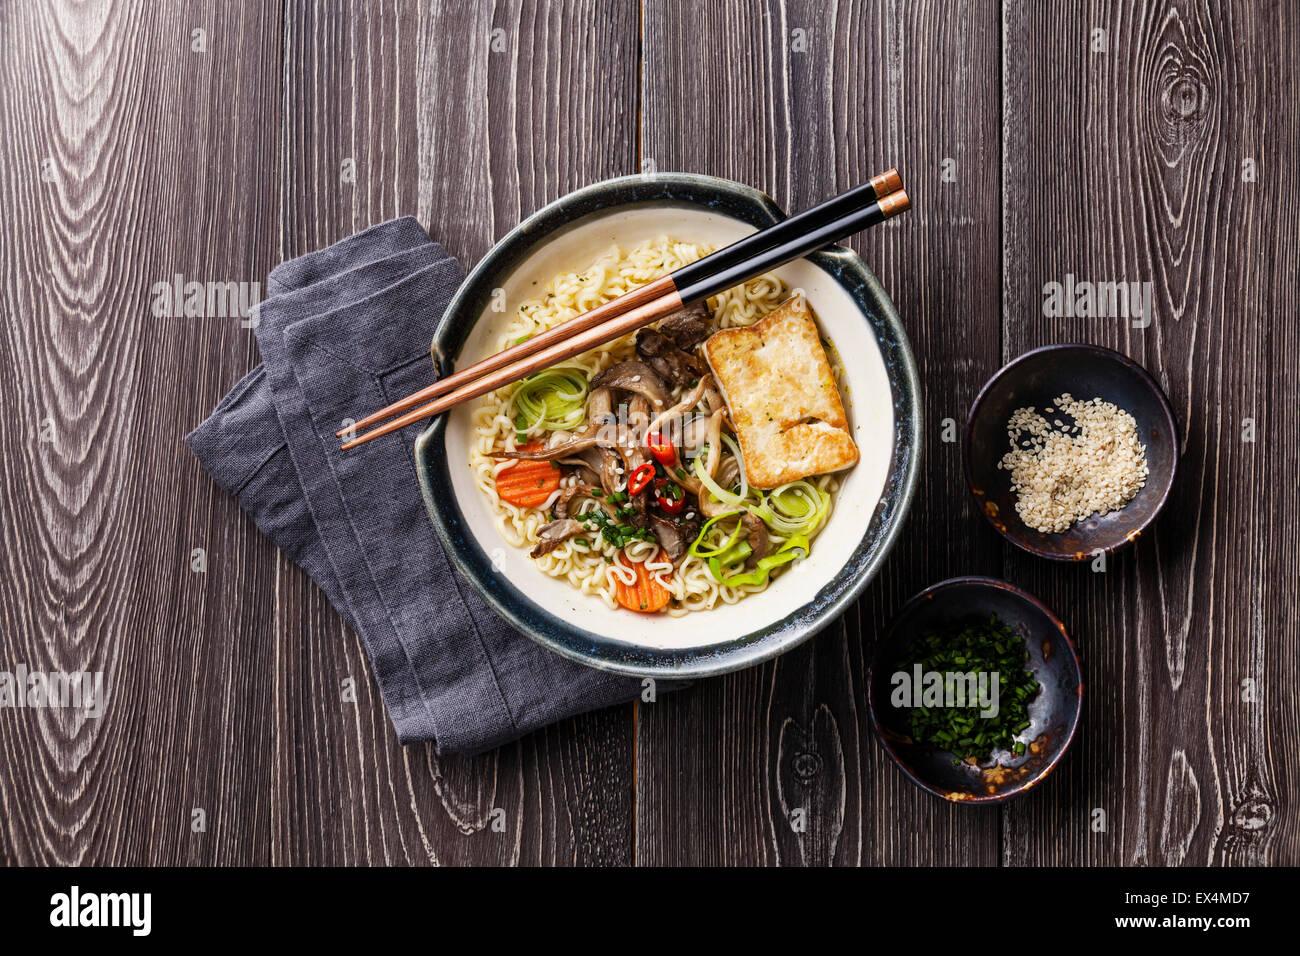 Asiatische Nudeln mit Tofu, Austernpilzen und Gemüse in Schüssel auf grauem Hintergrund aus Holz Stockbild